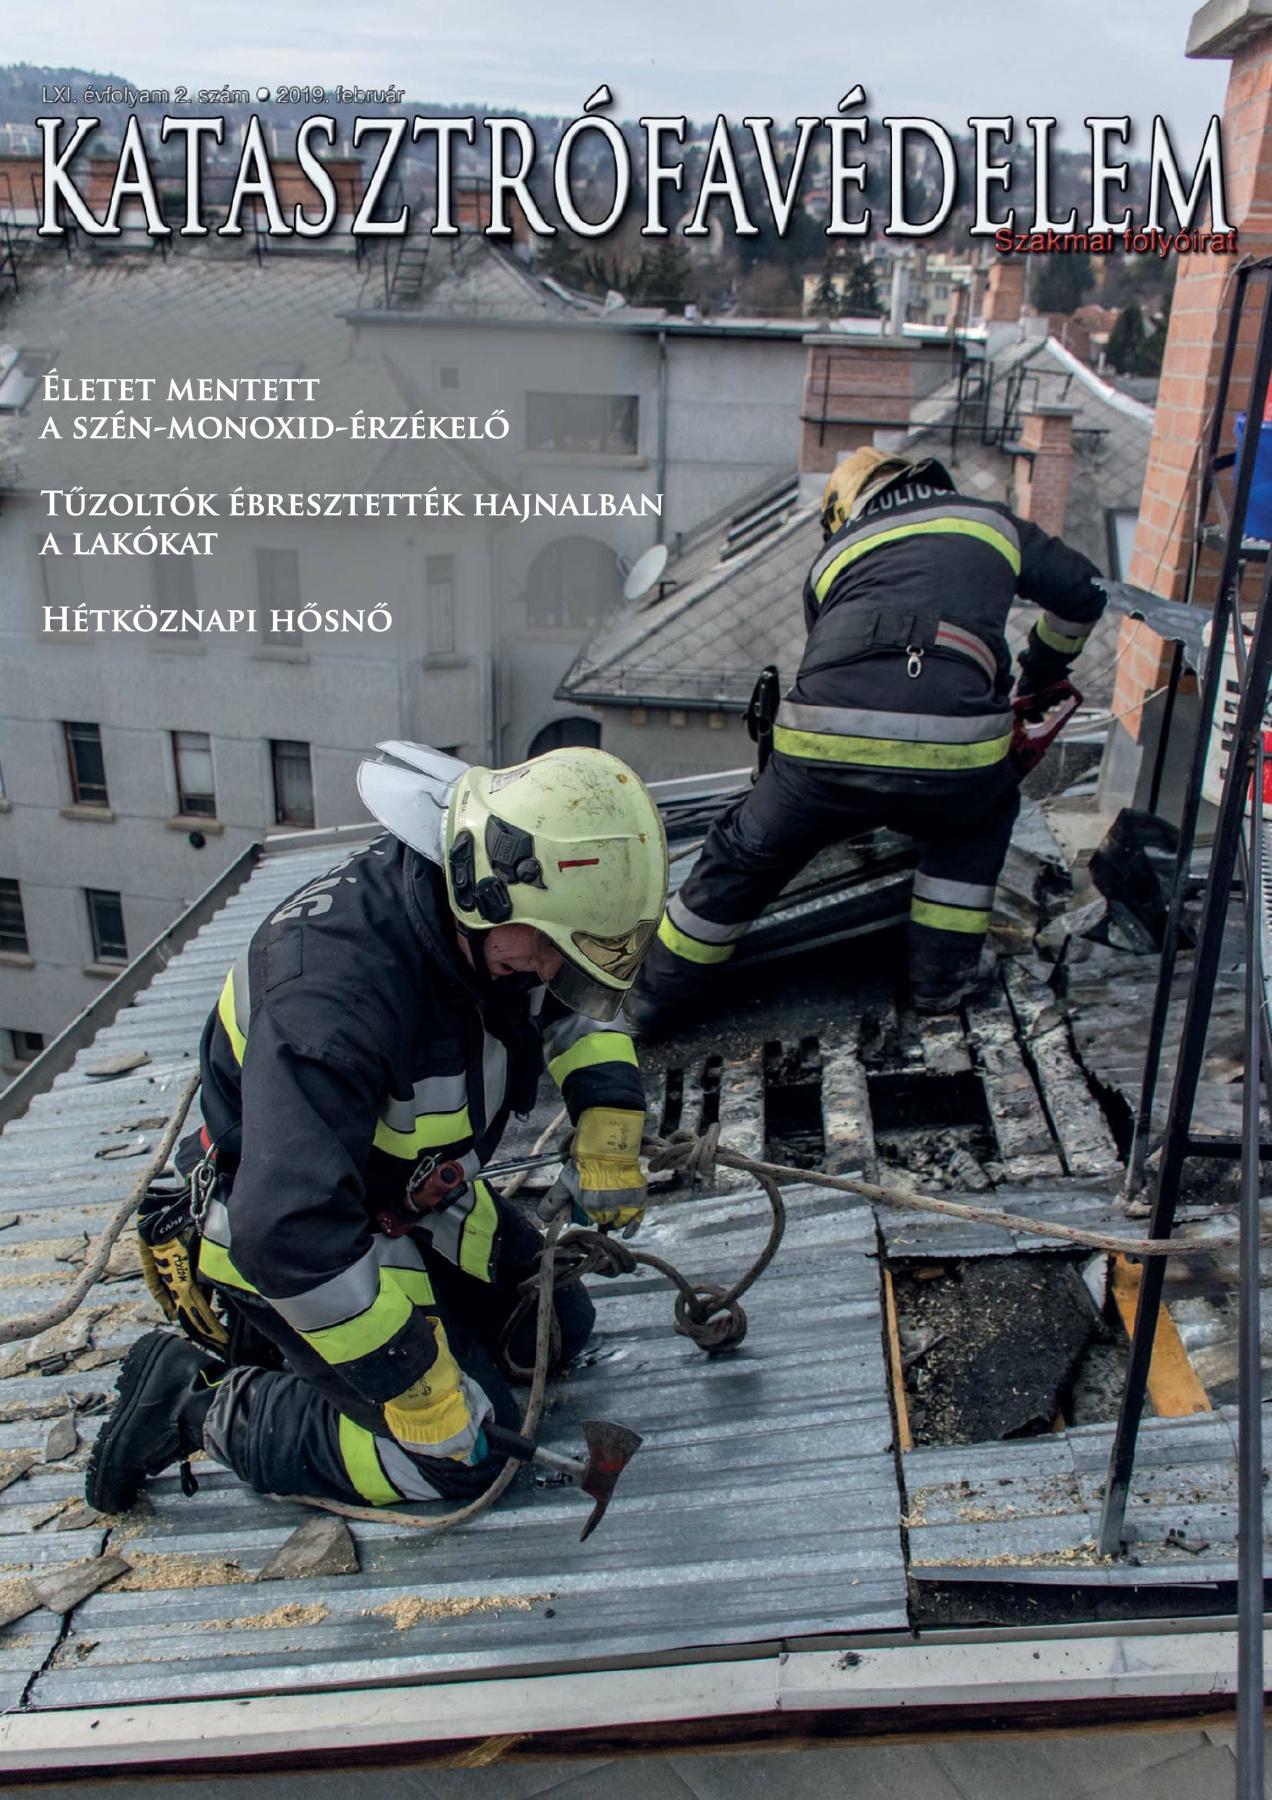 A Katasztrófavédelem magazin LXI. évfolyam 2. szám megtekintése